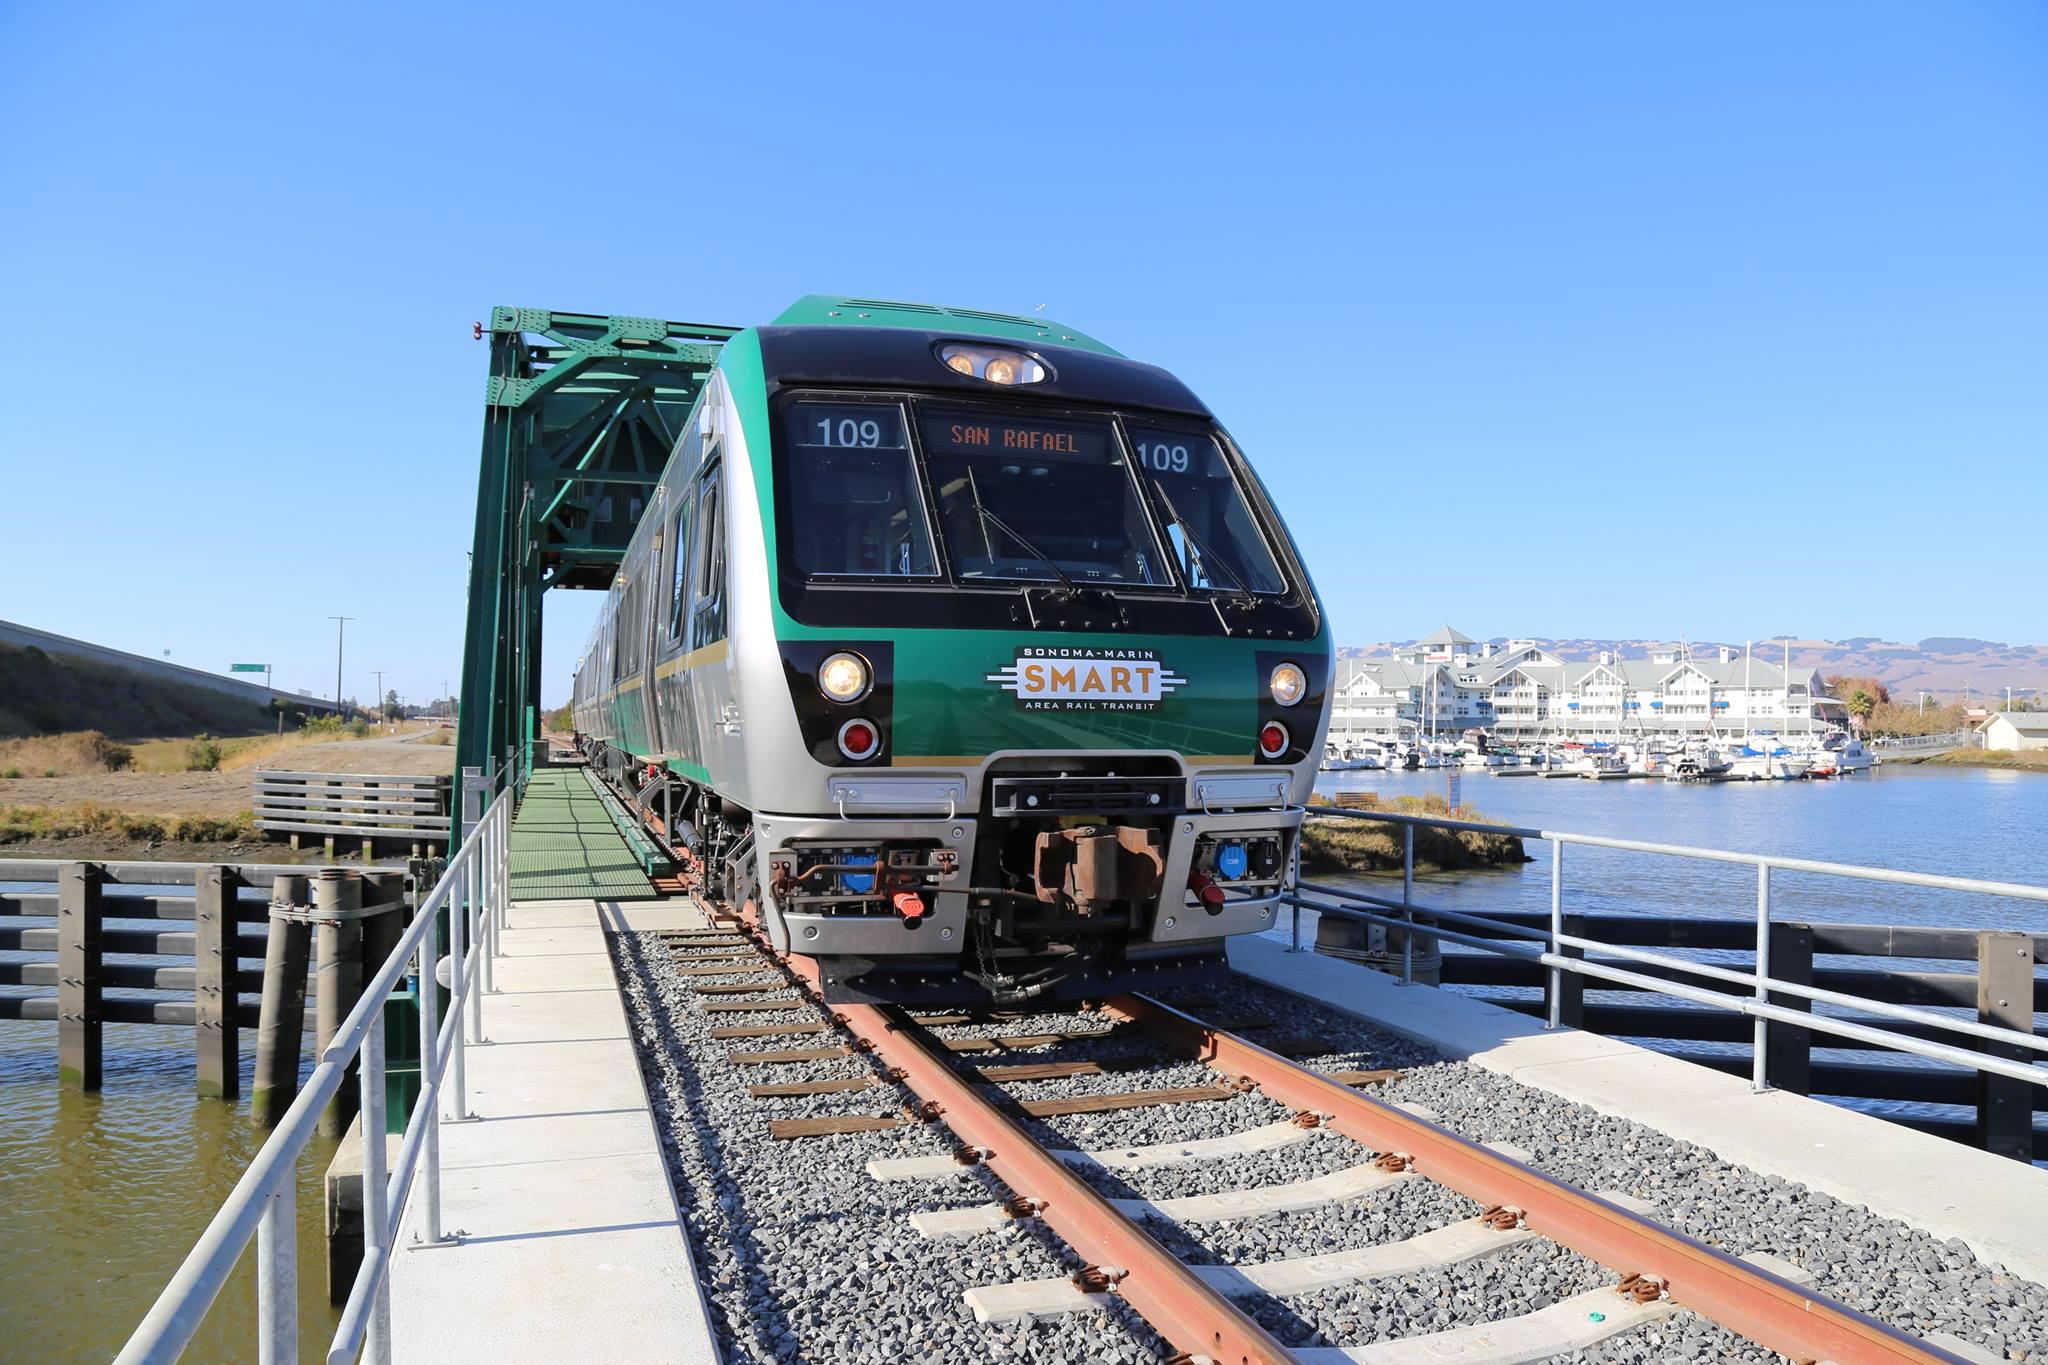 SMART commuter rail